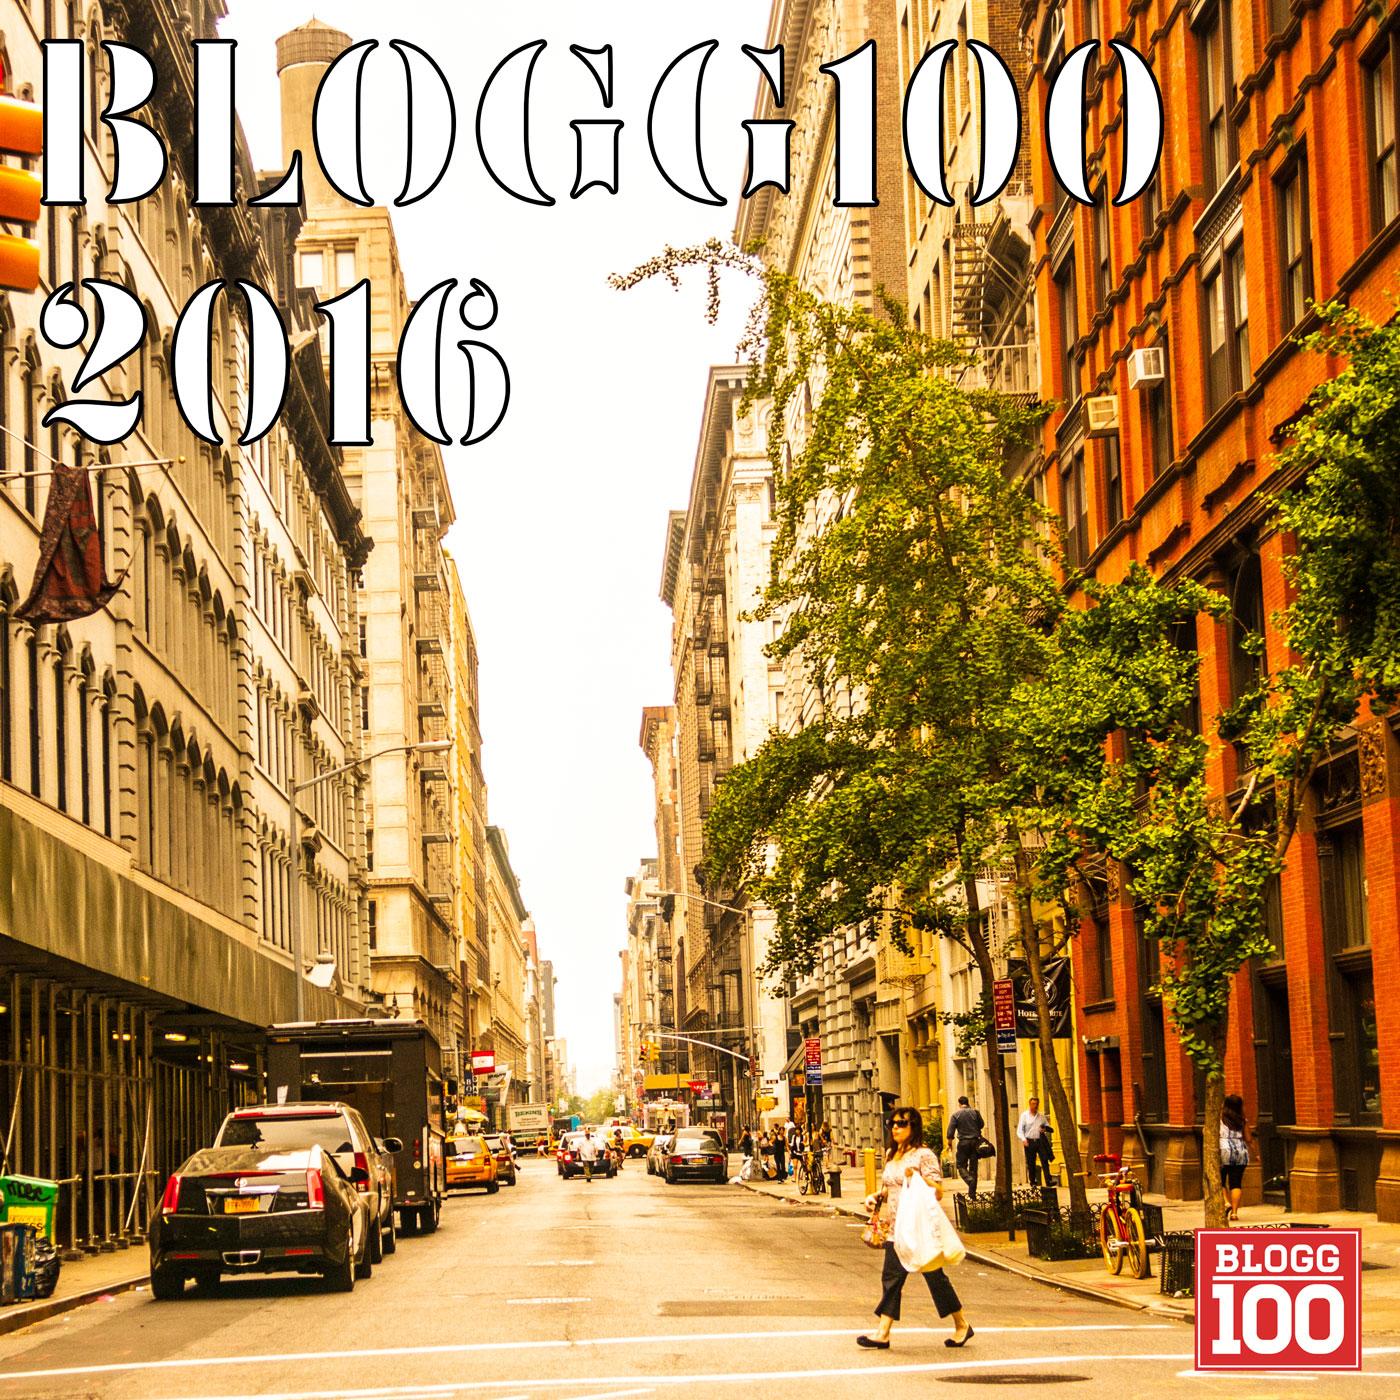 Amorteringskravet är ogenomtänkt  #blogg100